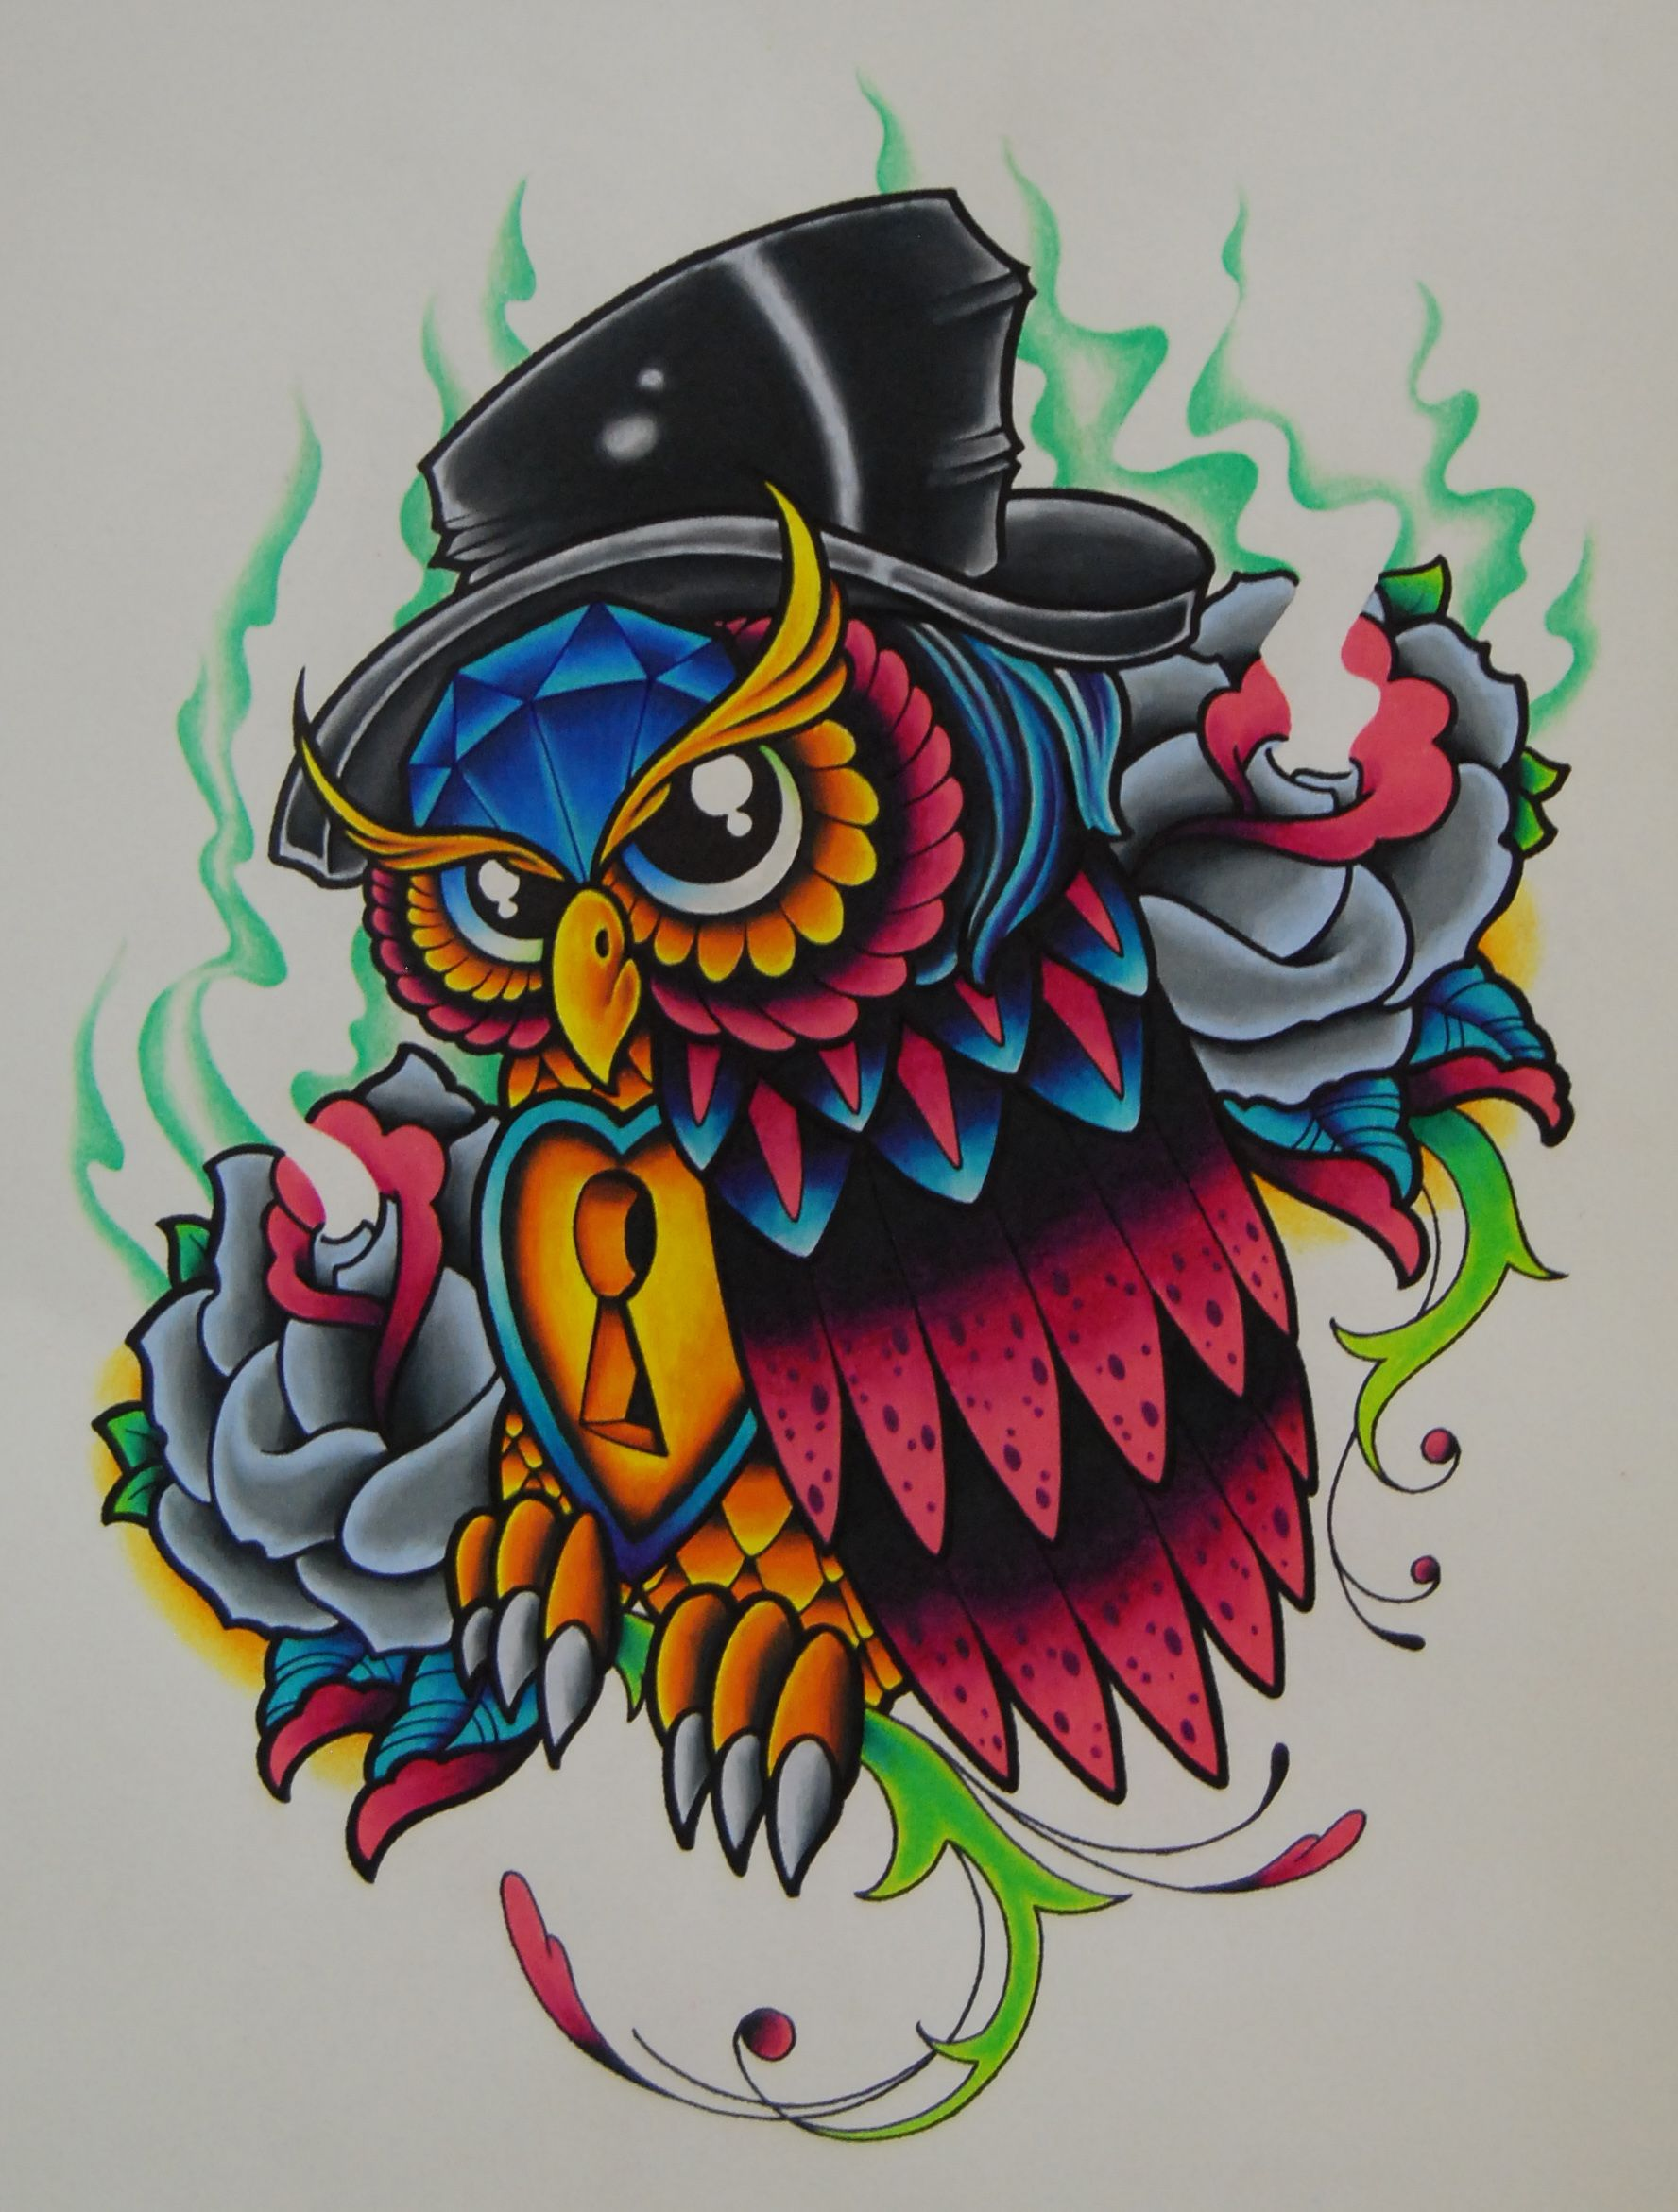 Jeremy Miller Tattoos, Austin, Texas Baxter's Tattoo